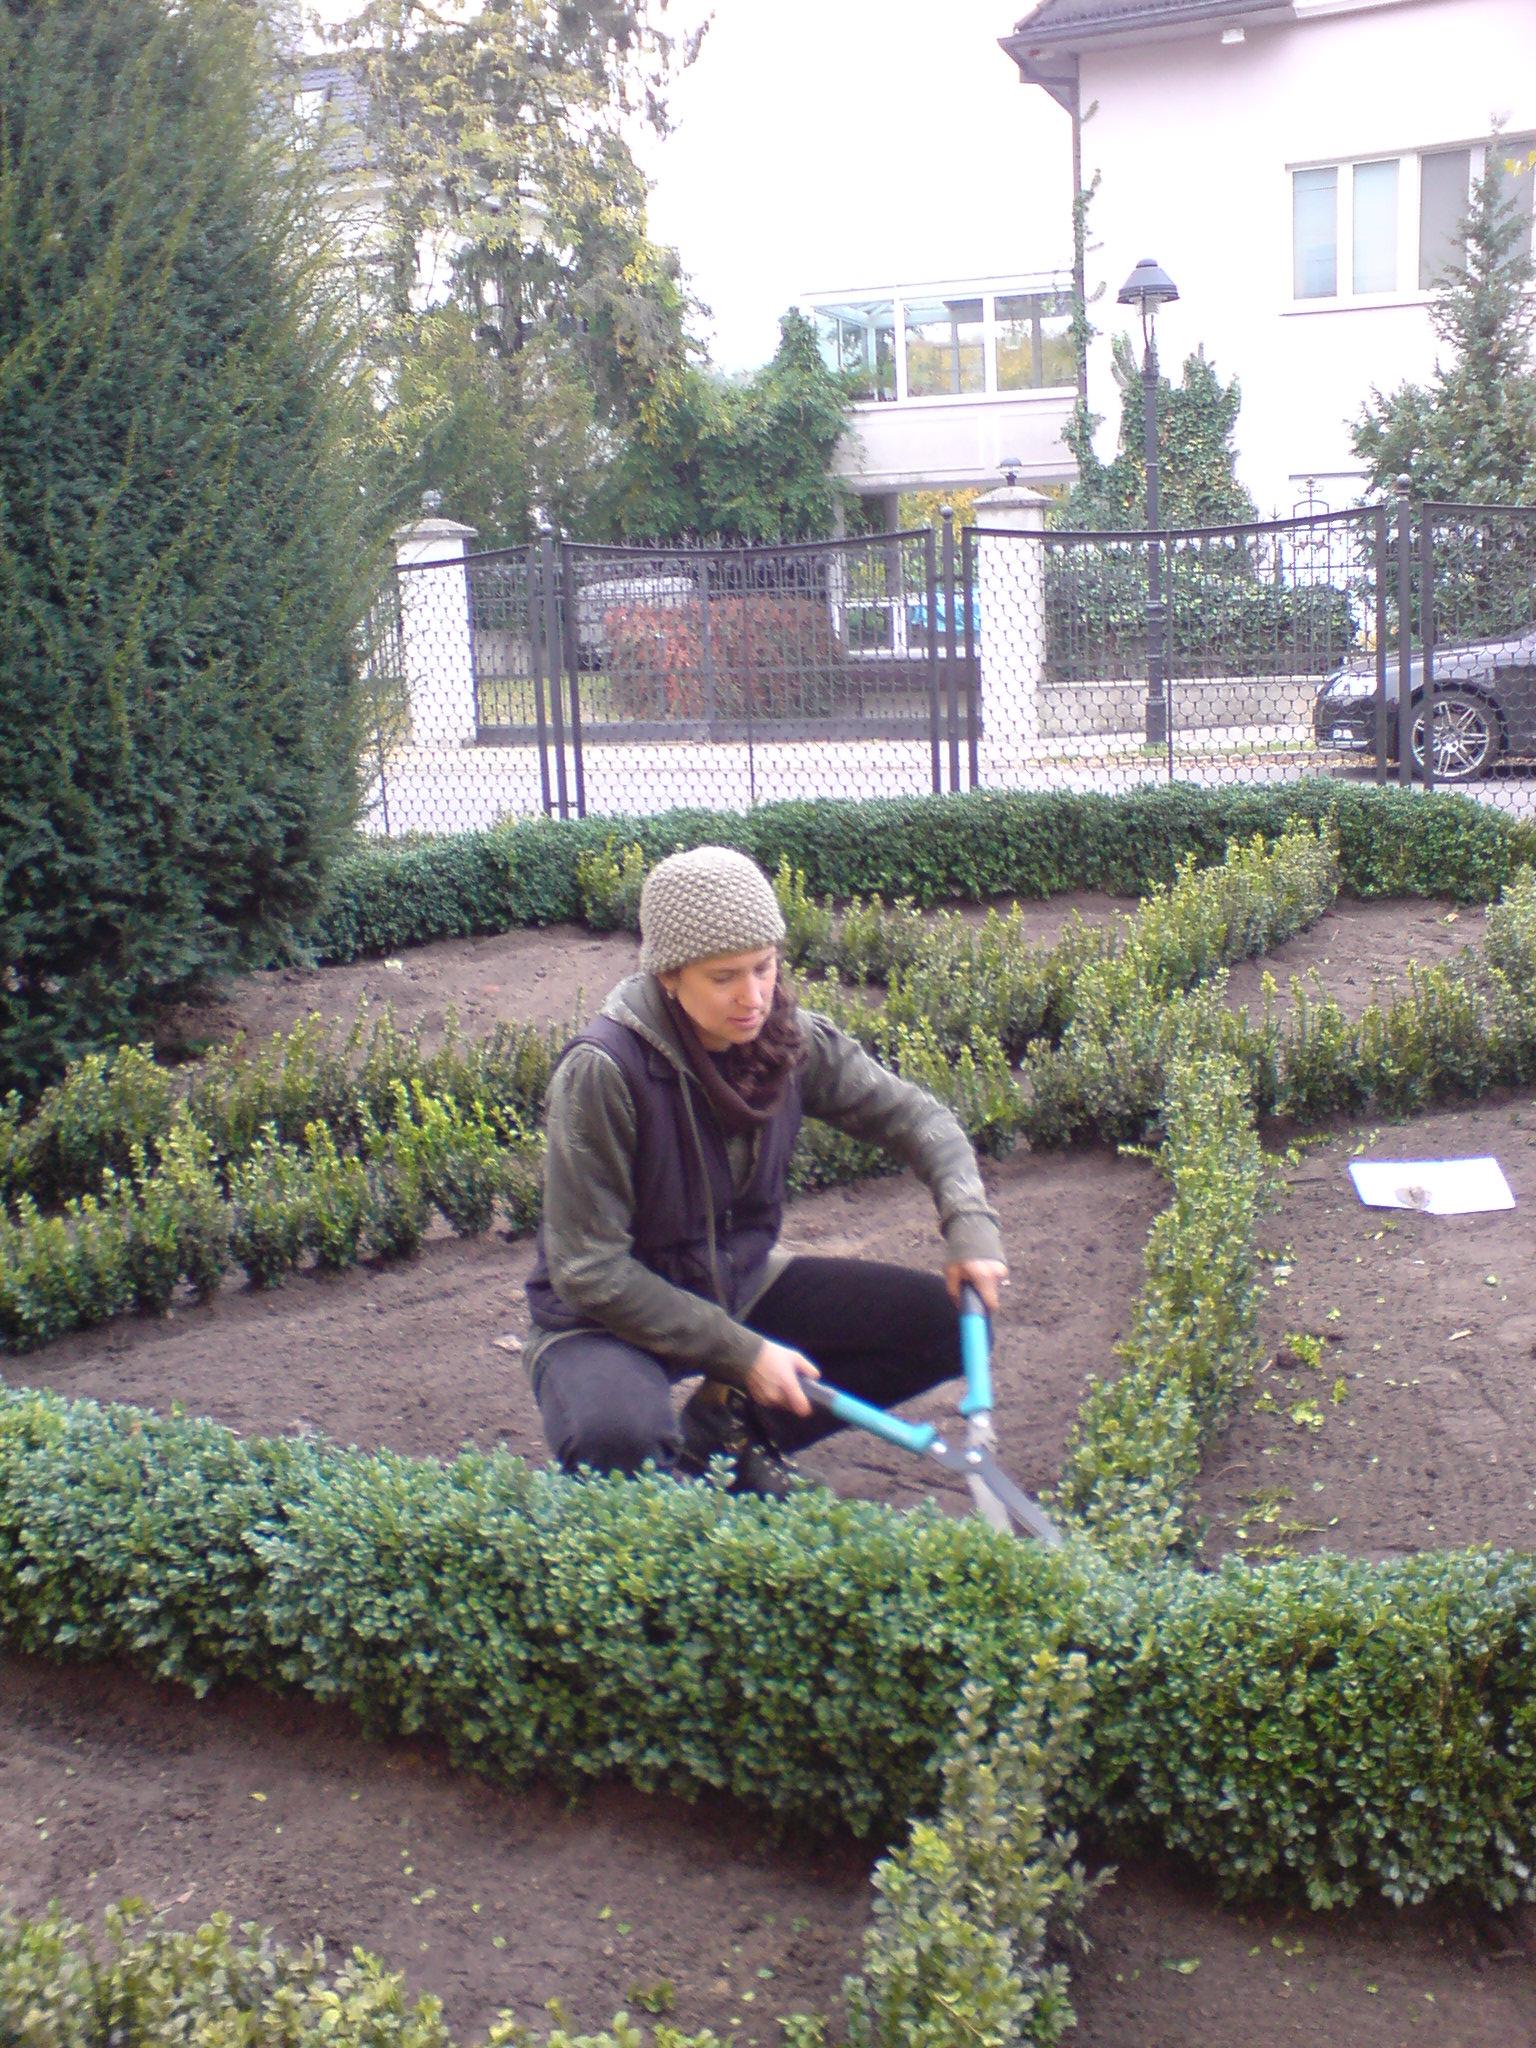 Englischer Knotengarten anlegen: Gartenlabyrinth dank Knotenbeete aus Buchsbaum und Bepflanzung mit Staudenpflanzen und Zwiebelpflanzen